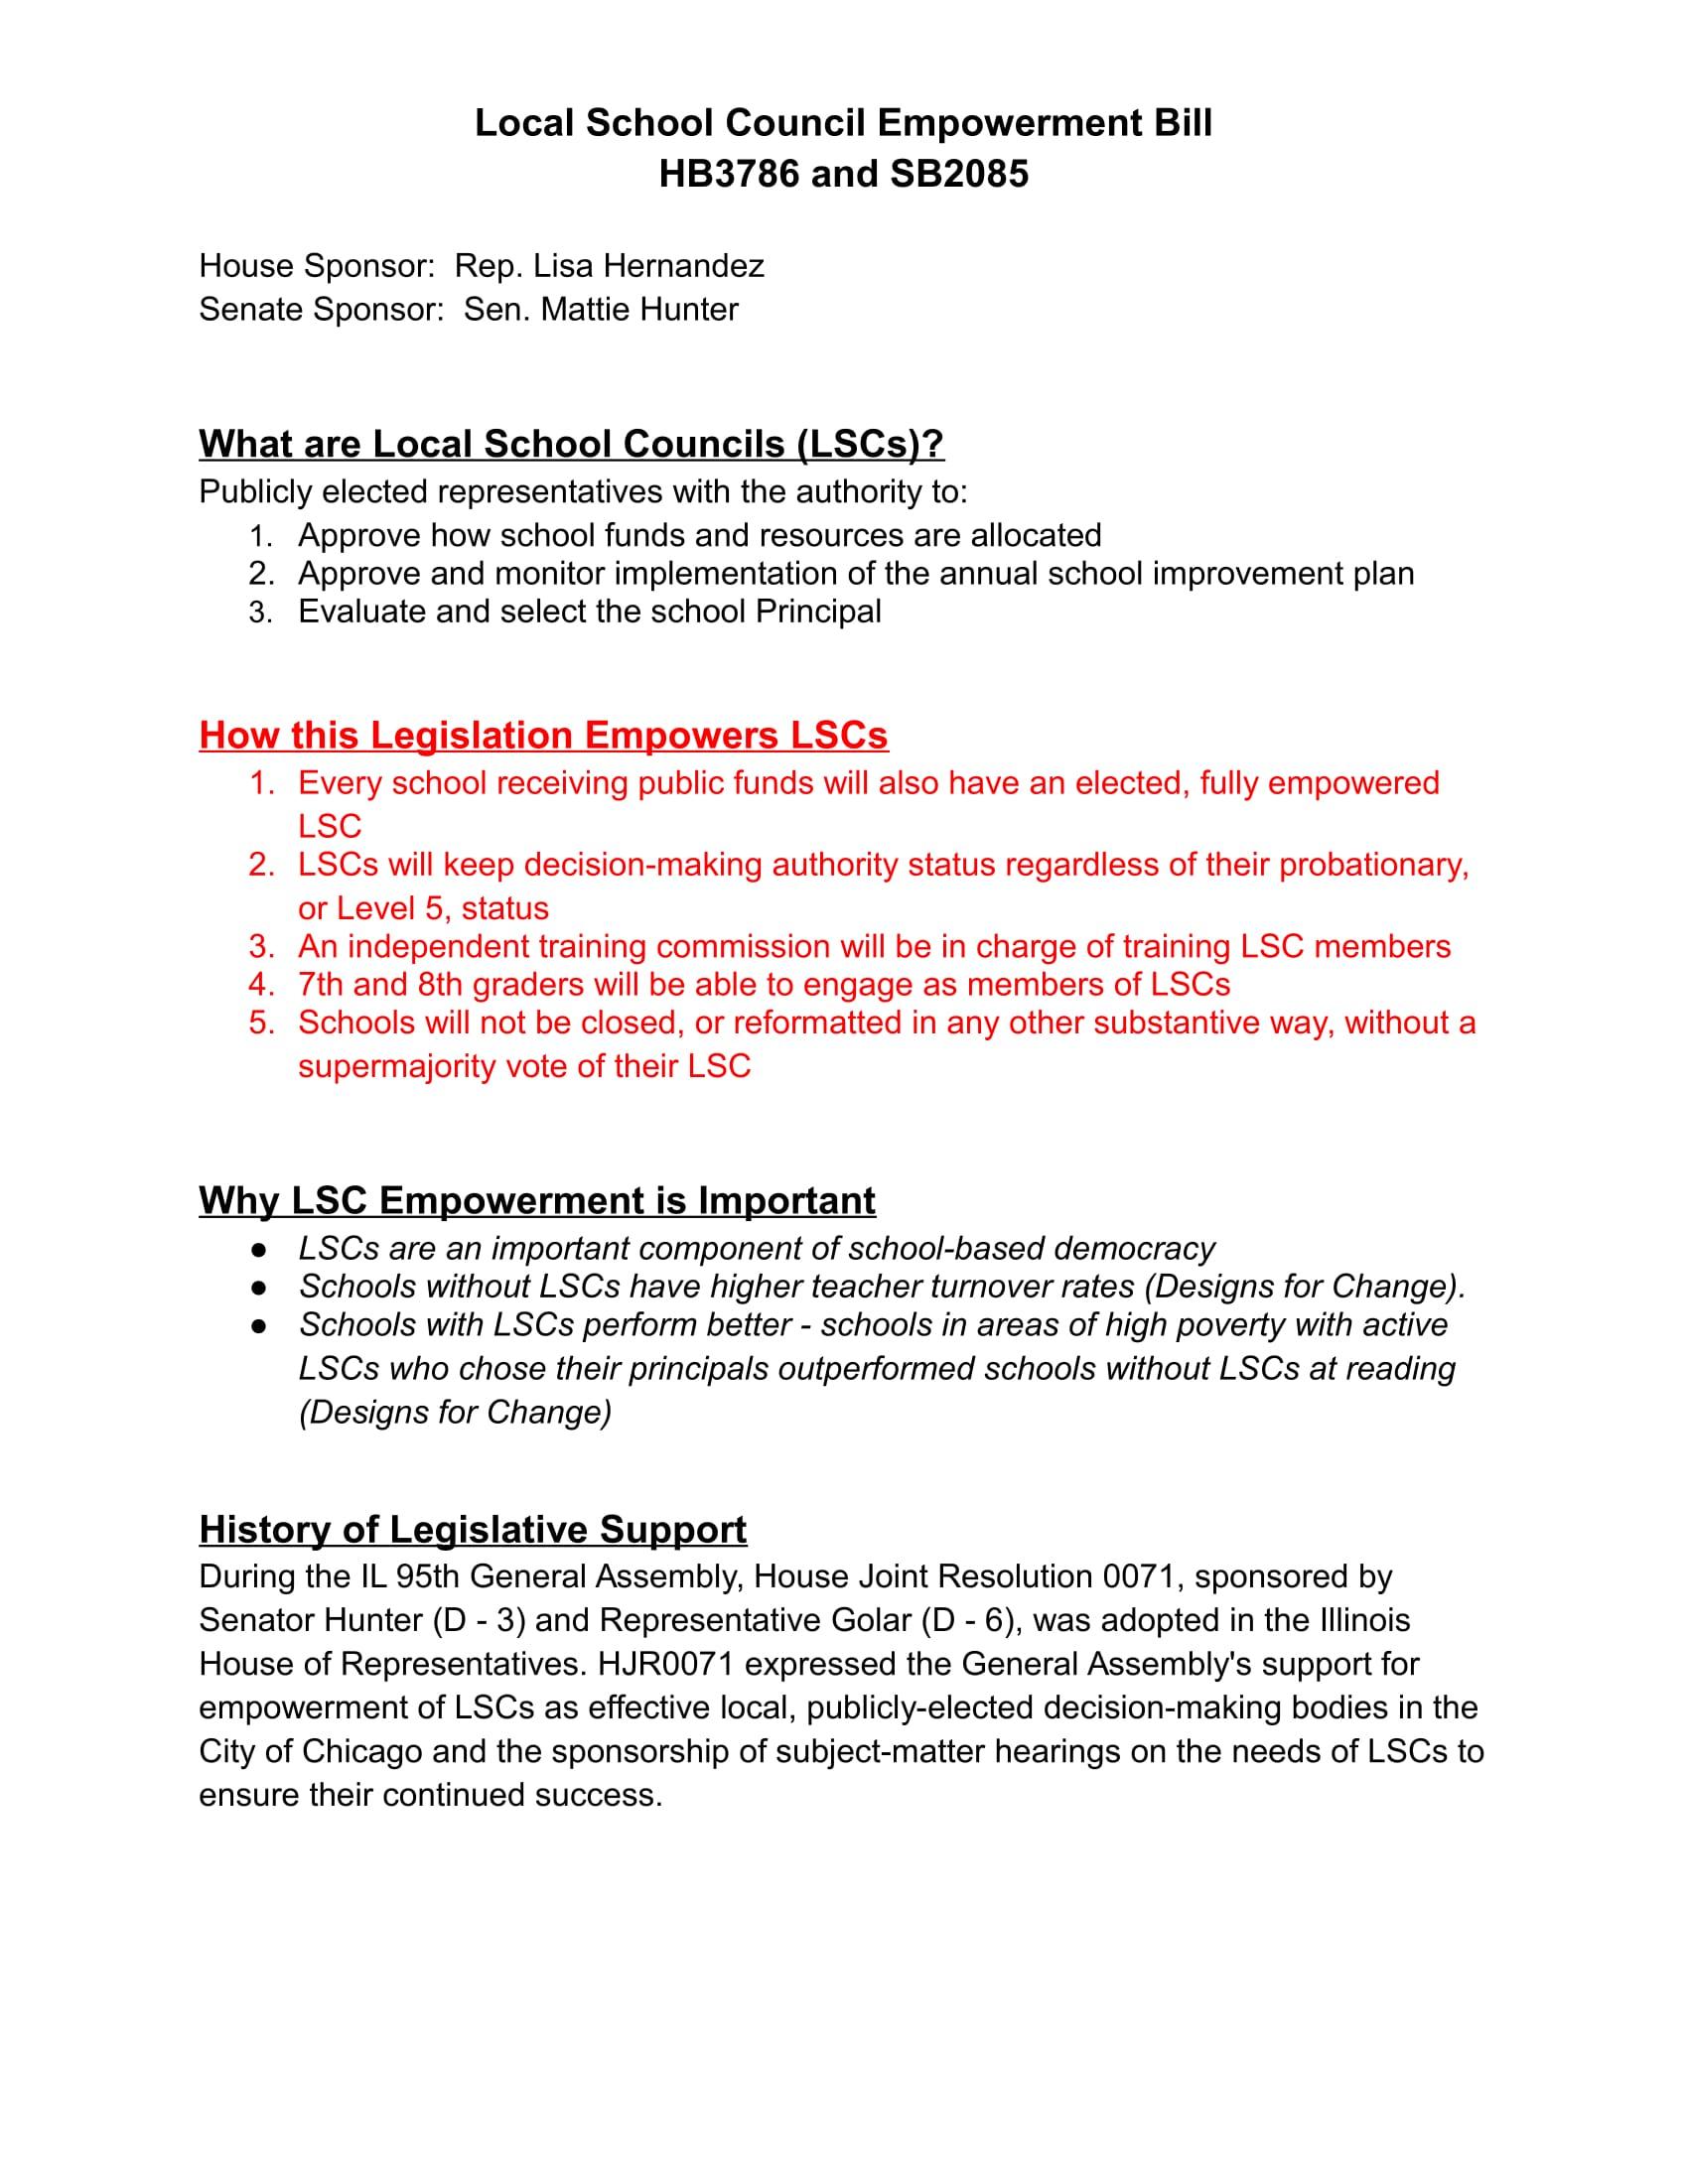 LSC_Bill_Fact_Sheet_2017_v2-1.jpg